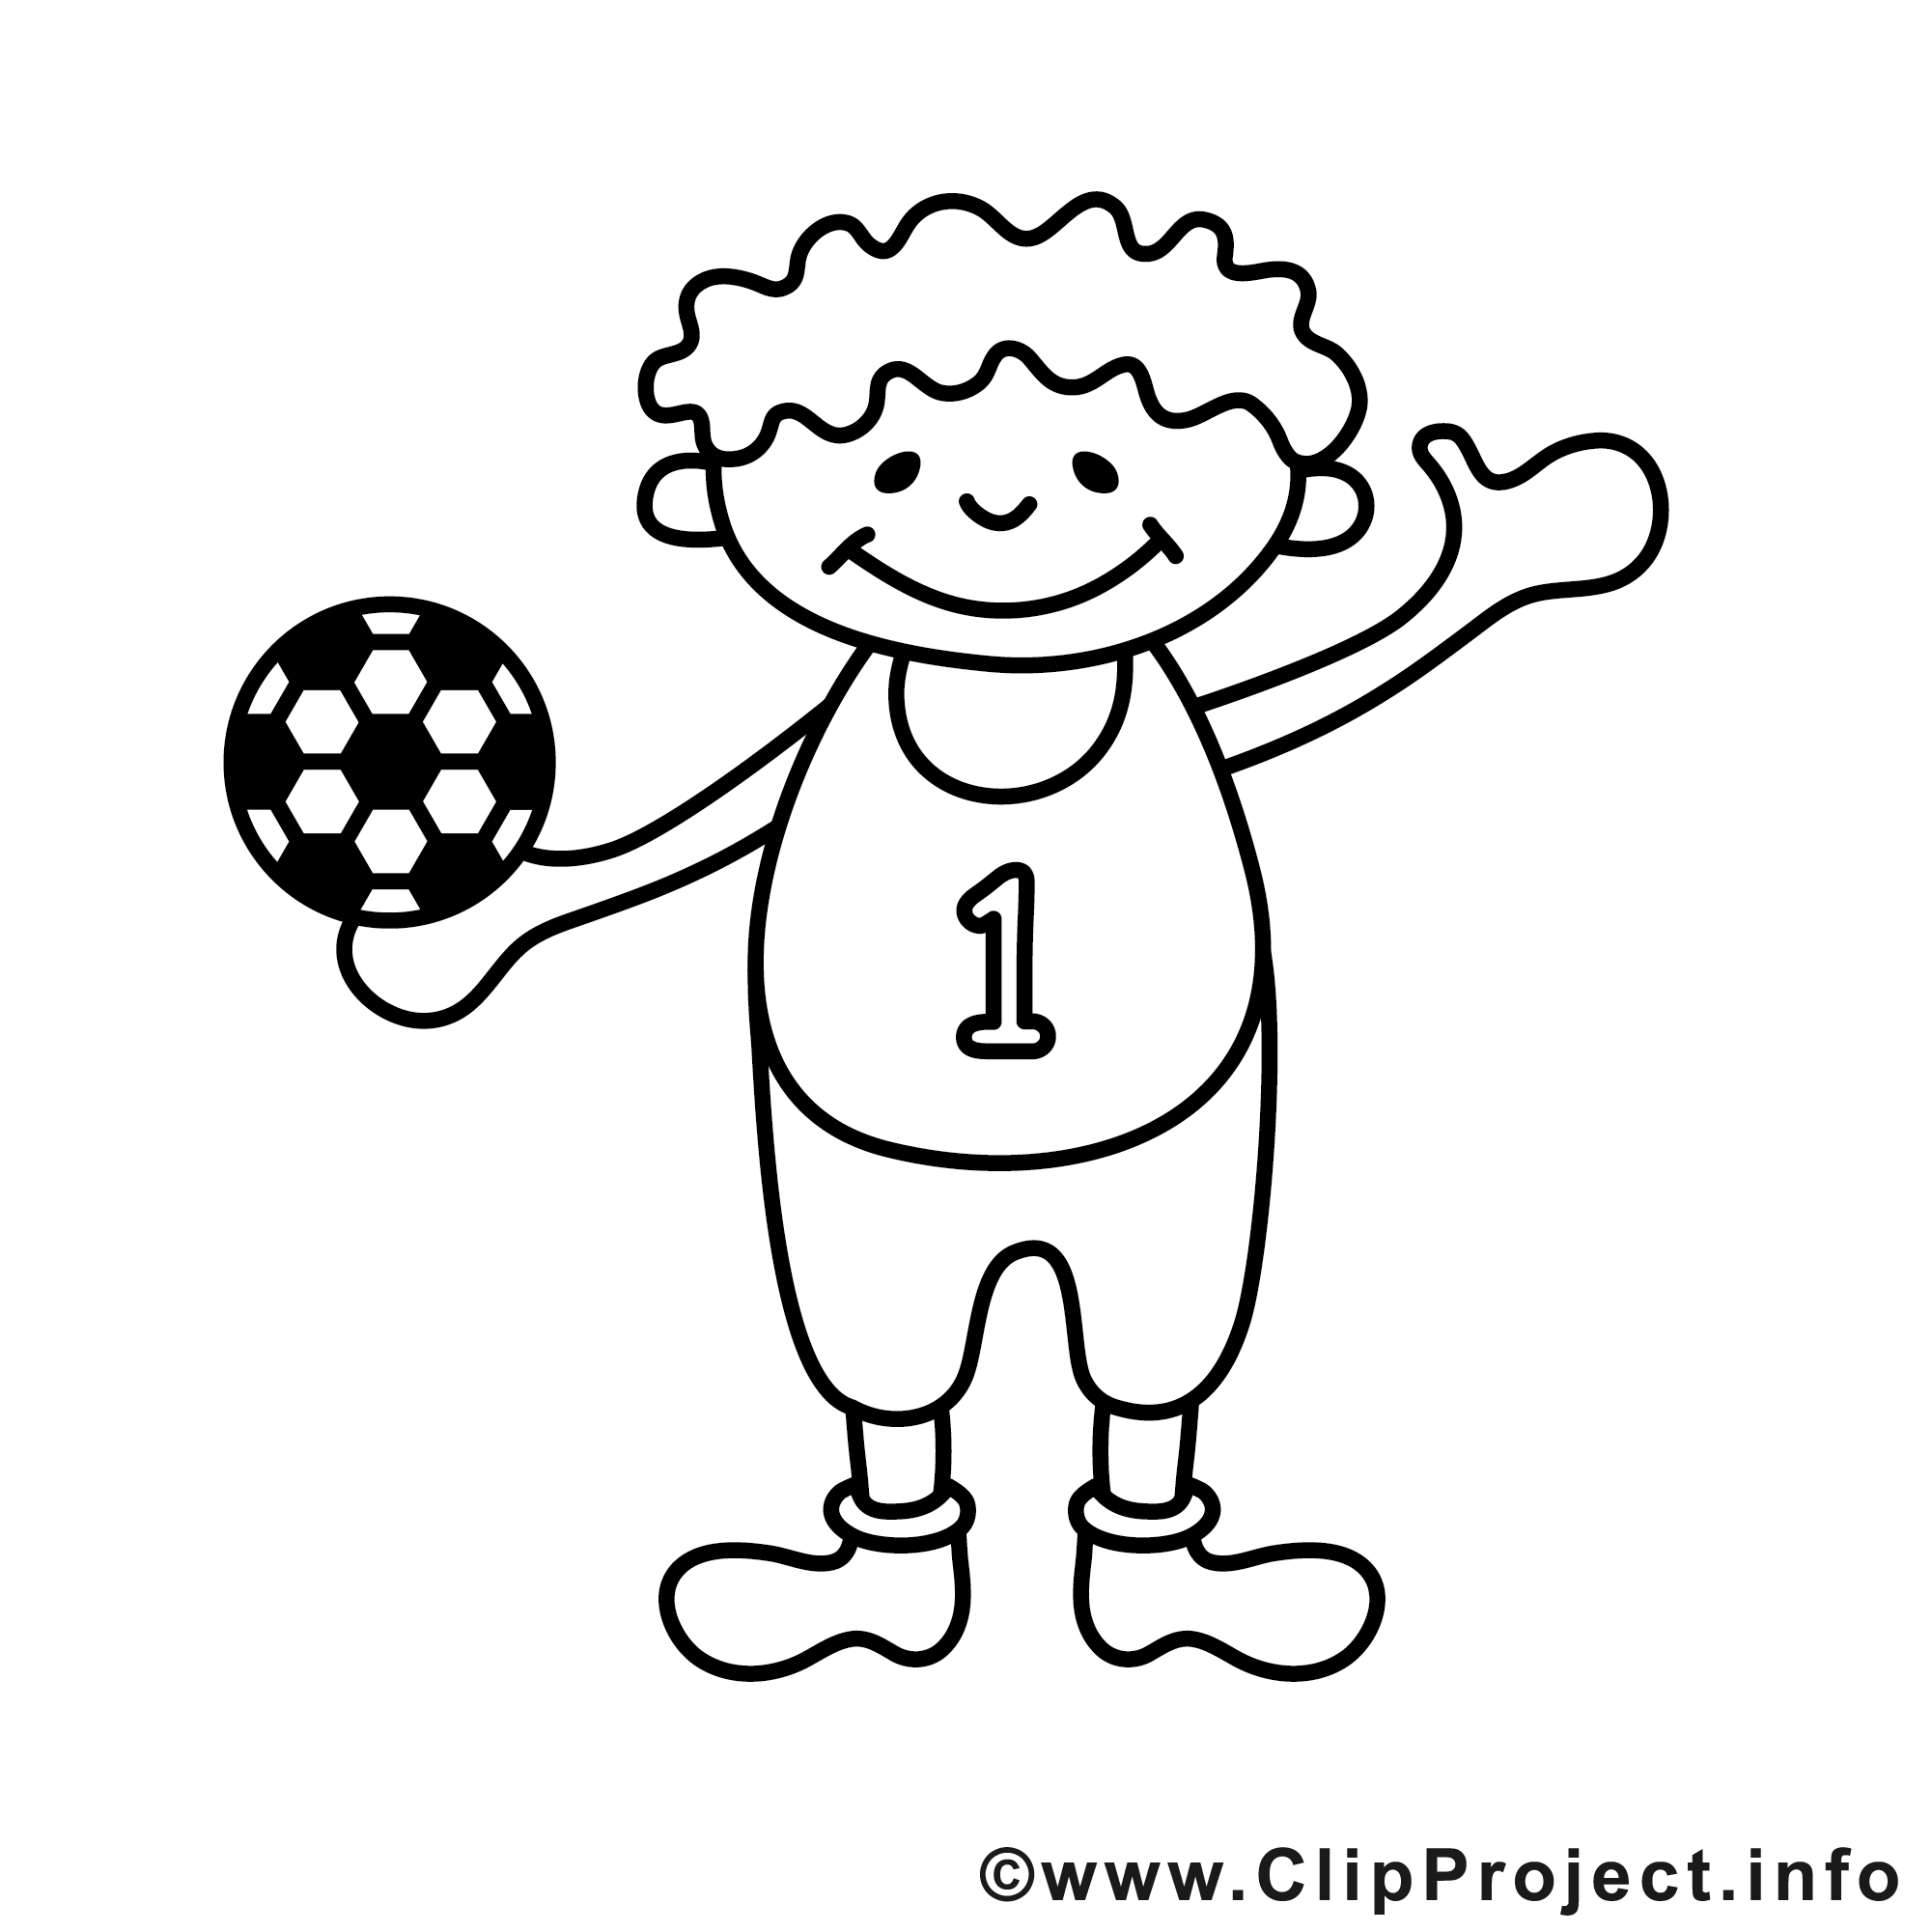 Malvorlage Junge Basecap   Coloring And Malvorlagan über Malvorlage Kind